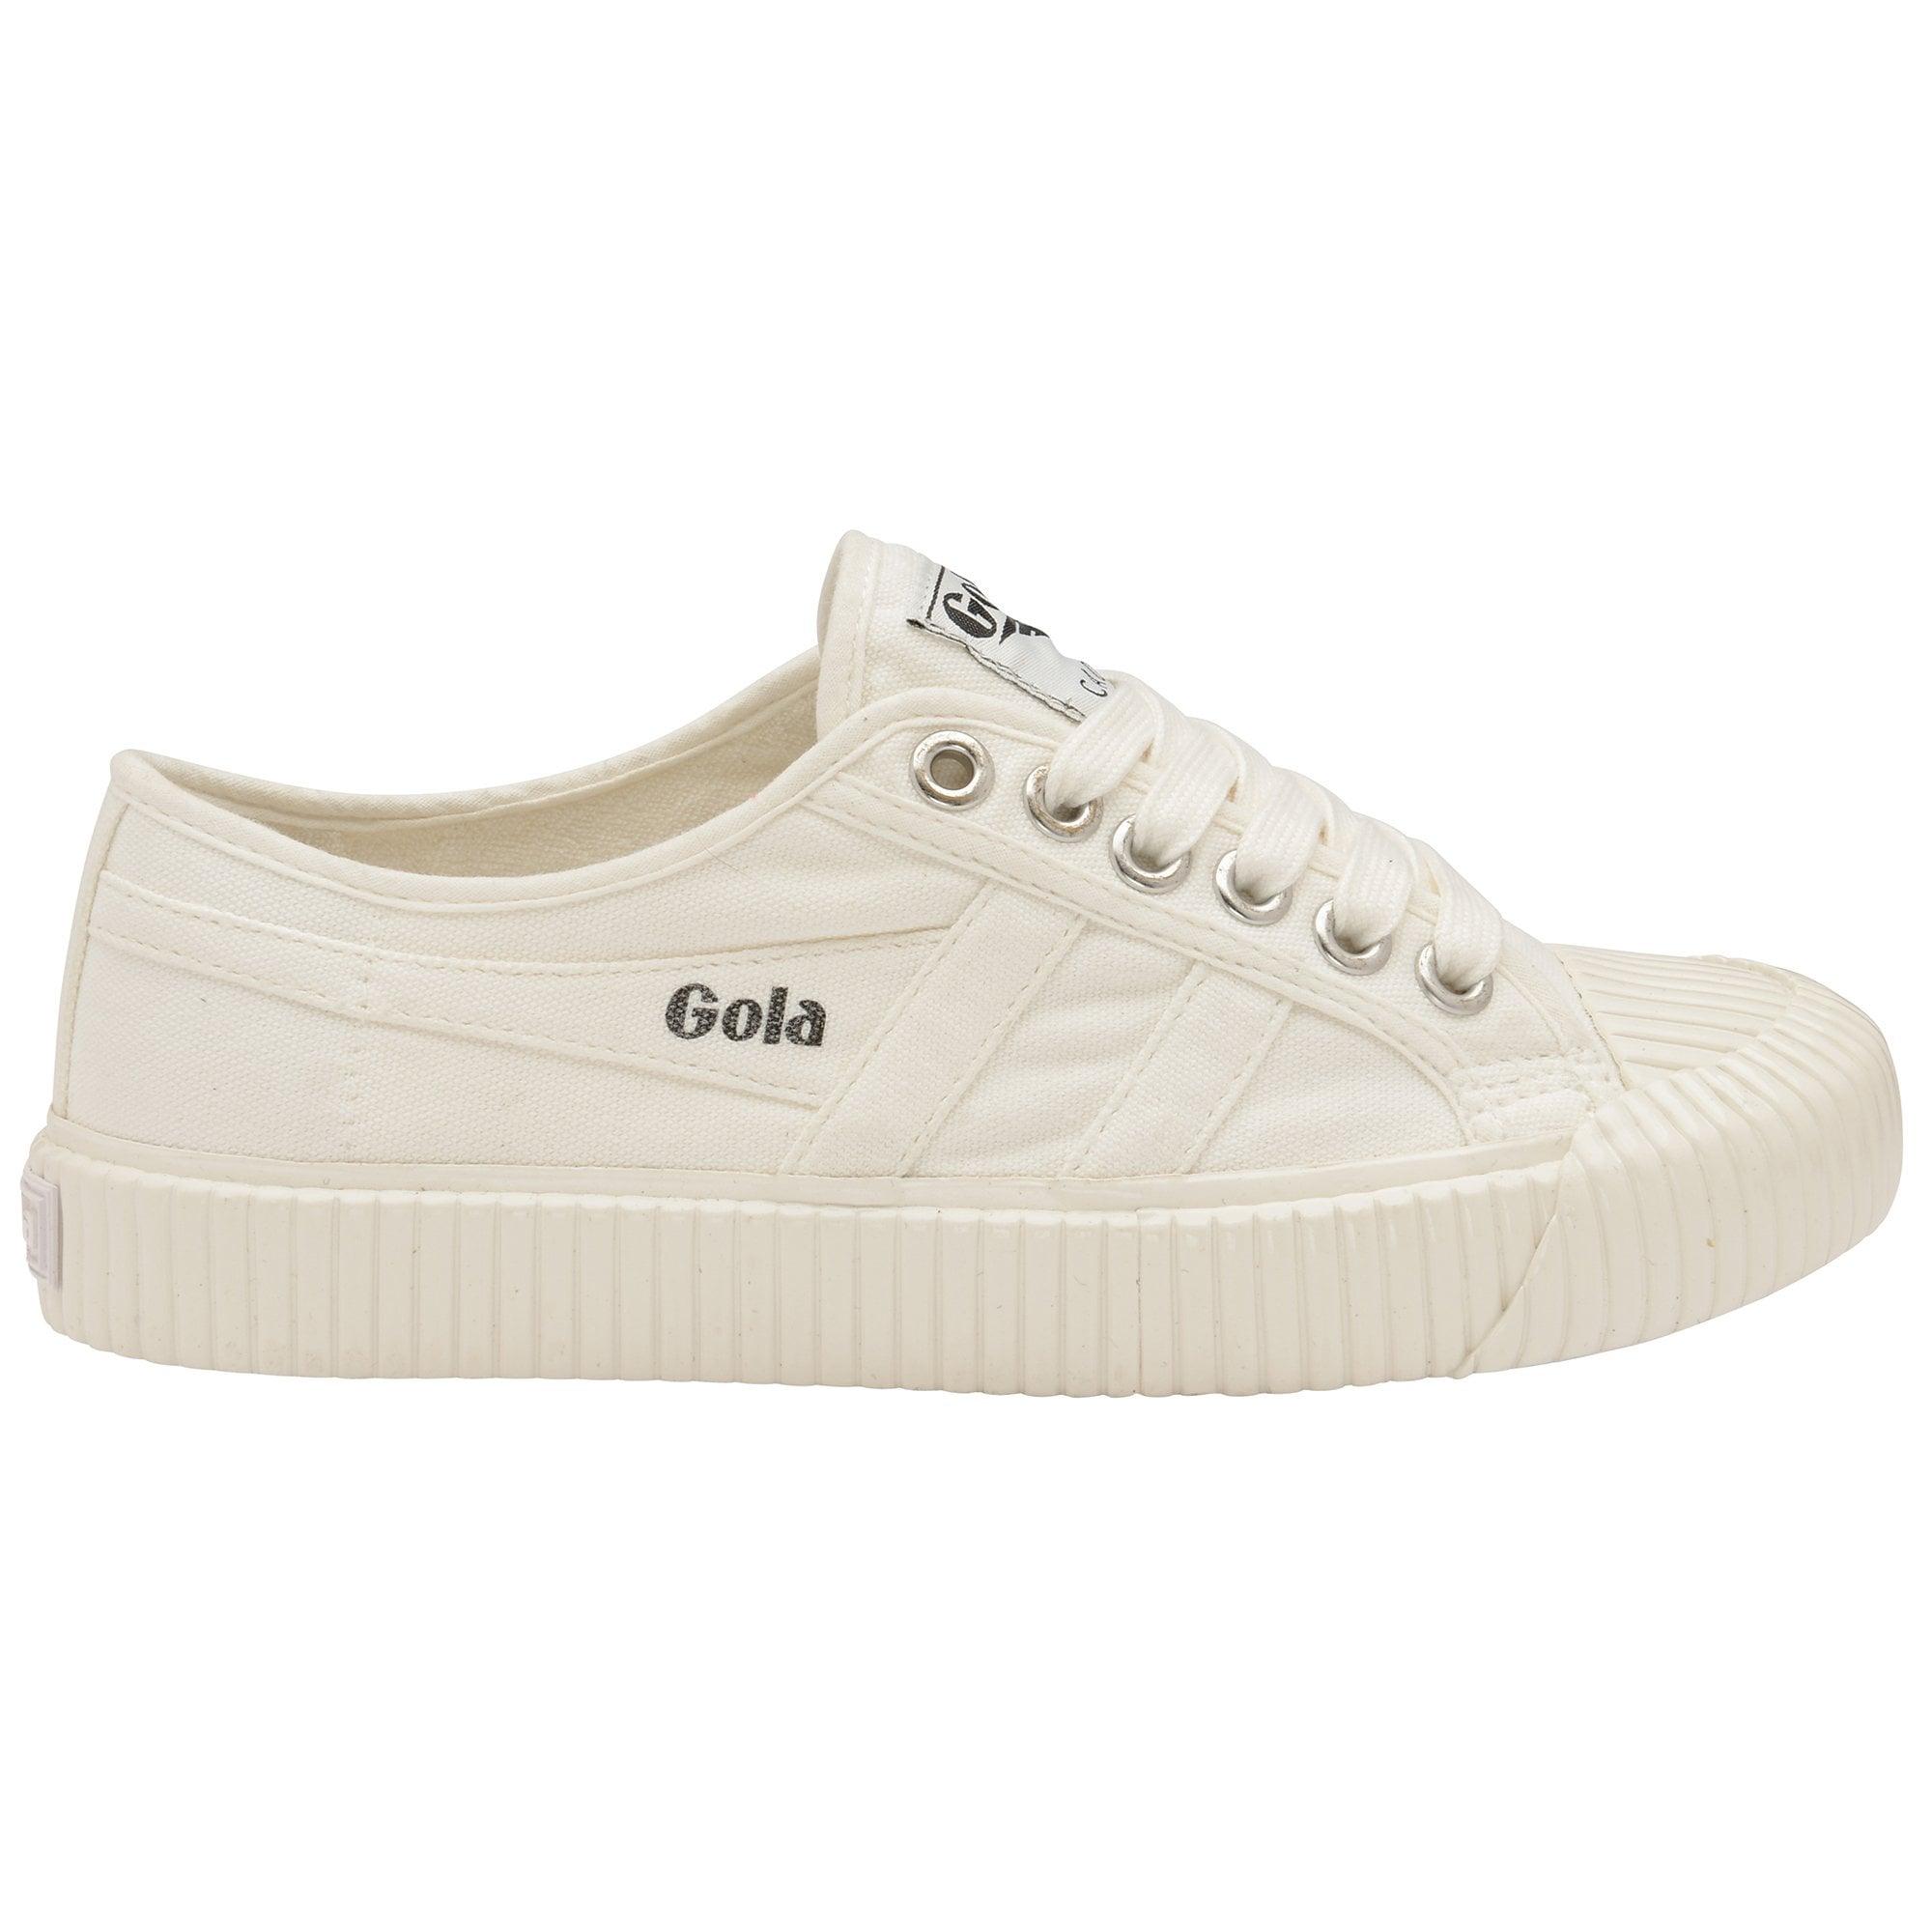 Buy Gola mens Cadet off white/off white